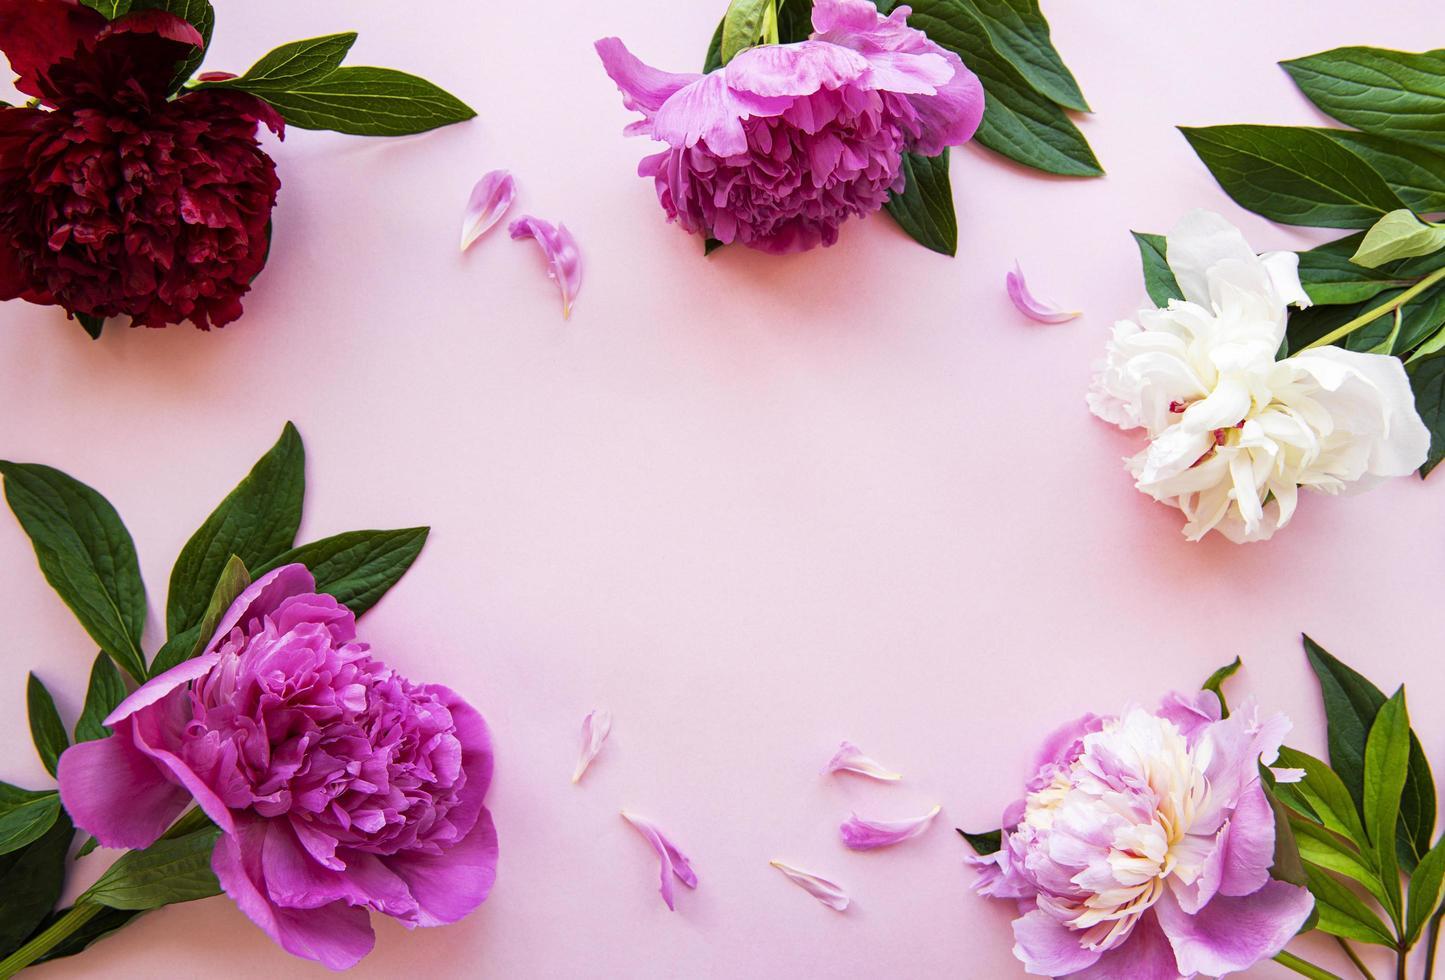 flores de peônia em um fundo rosa pastel foto